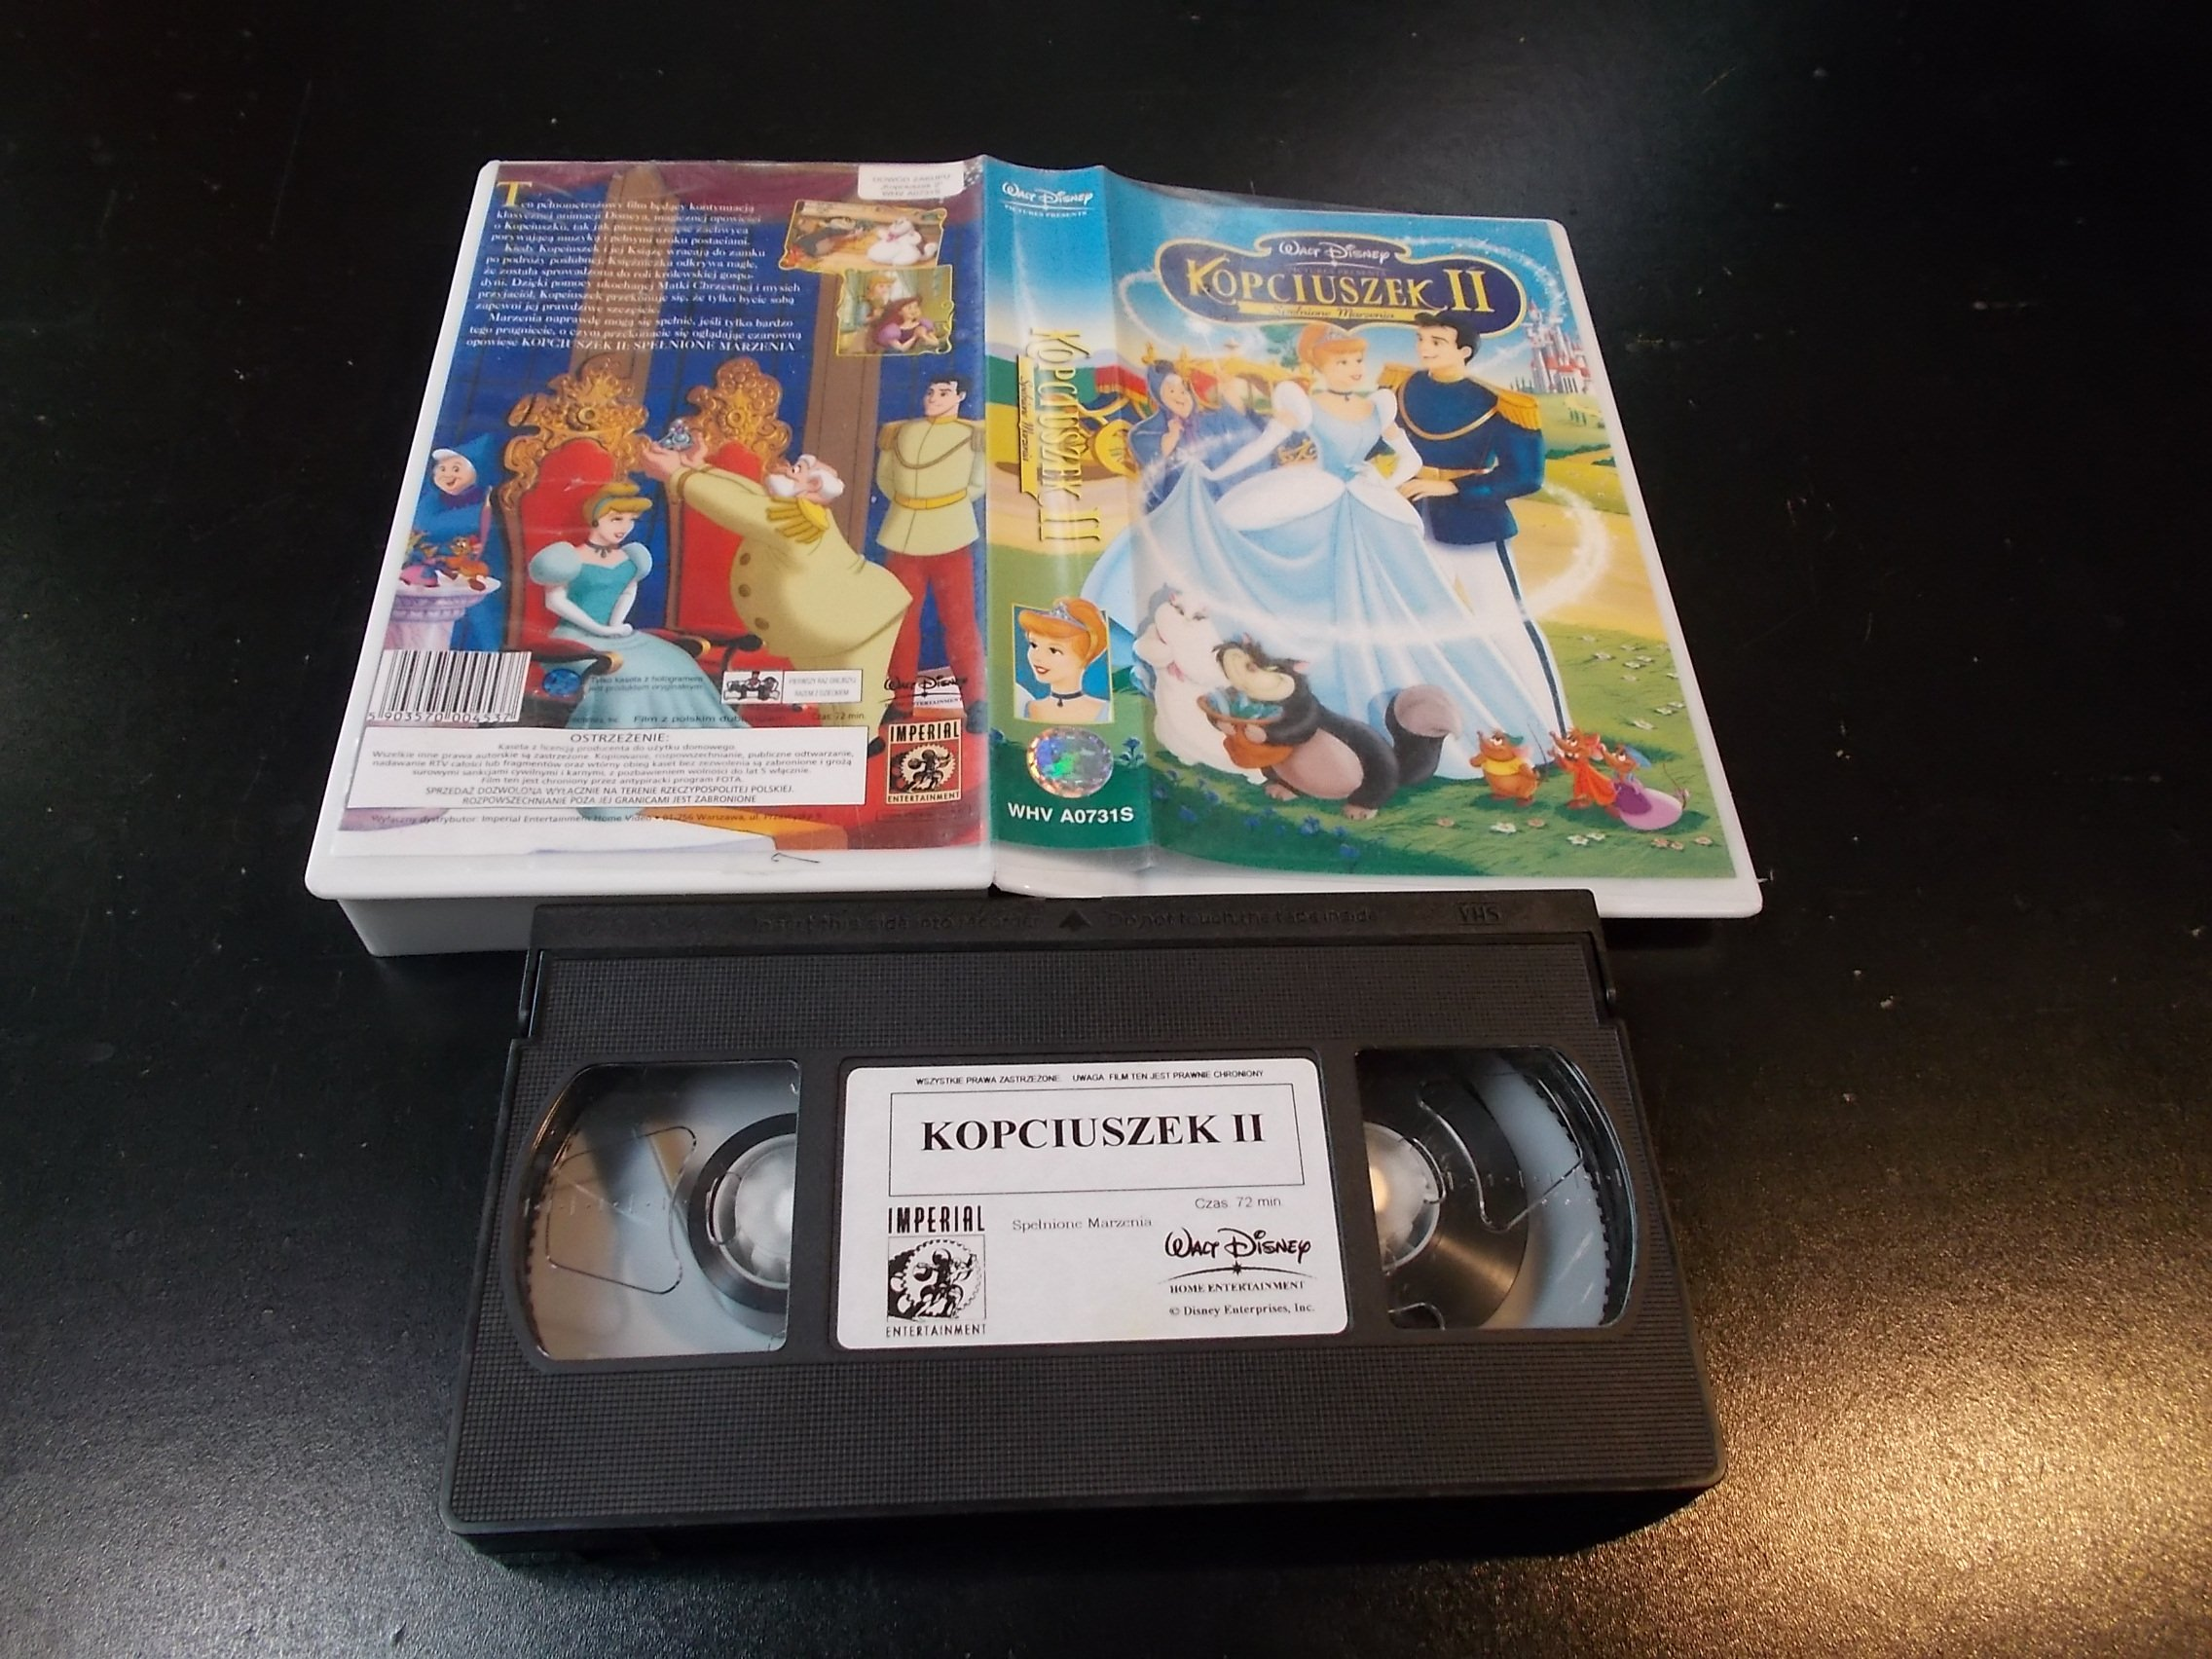 KOPCIUSZEK 2 - kaseta Video VHS - 1347 Sklep